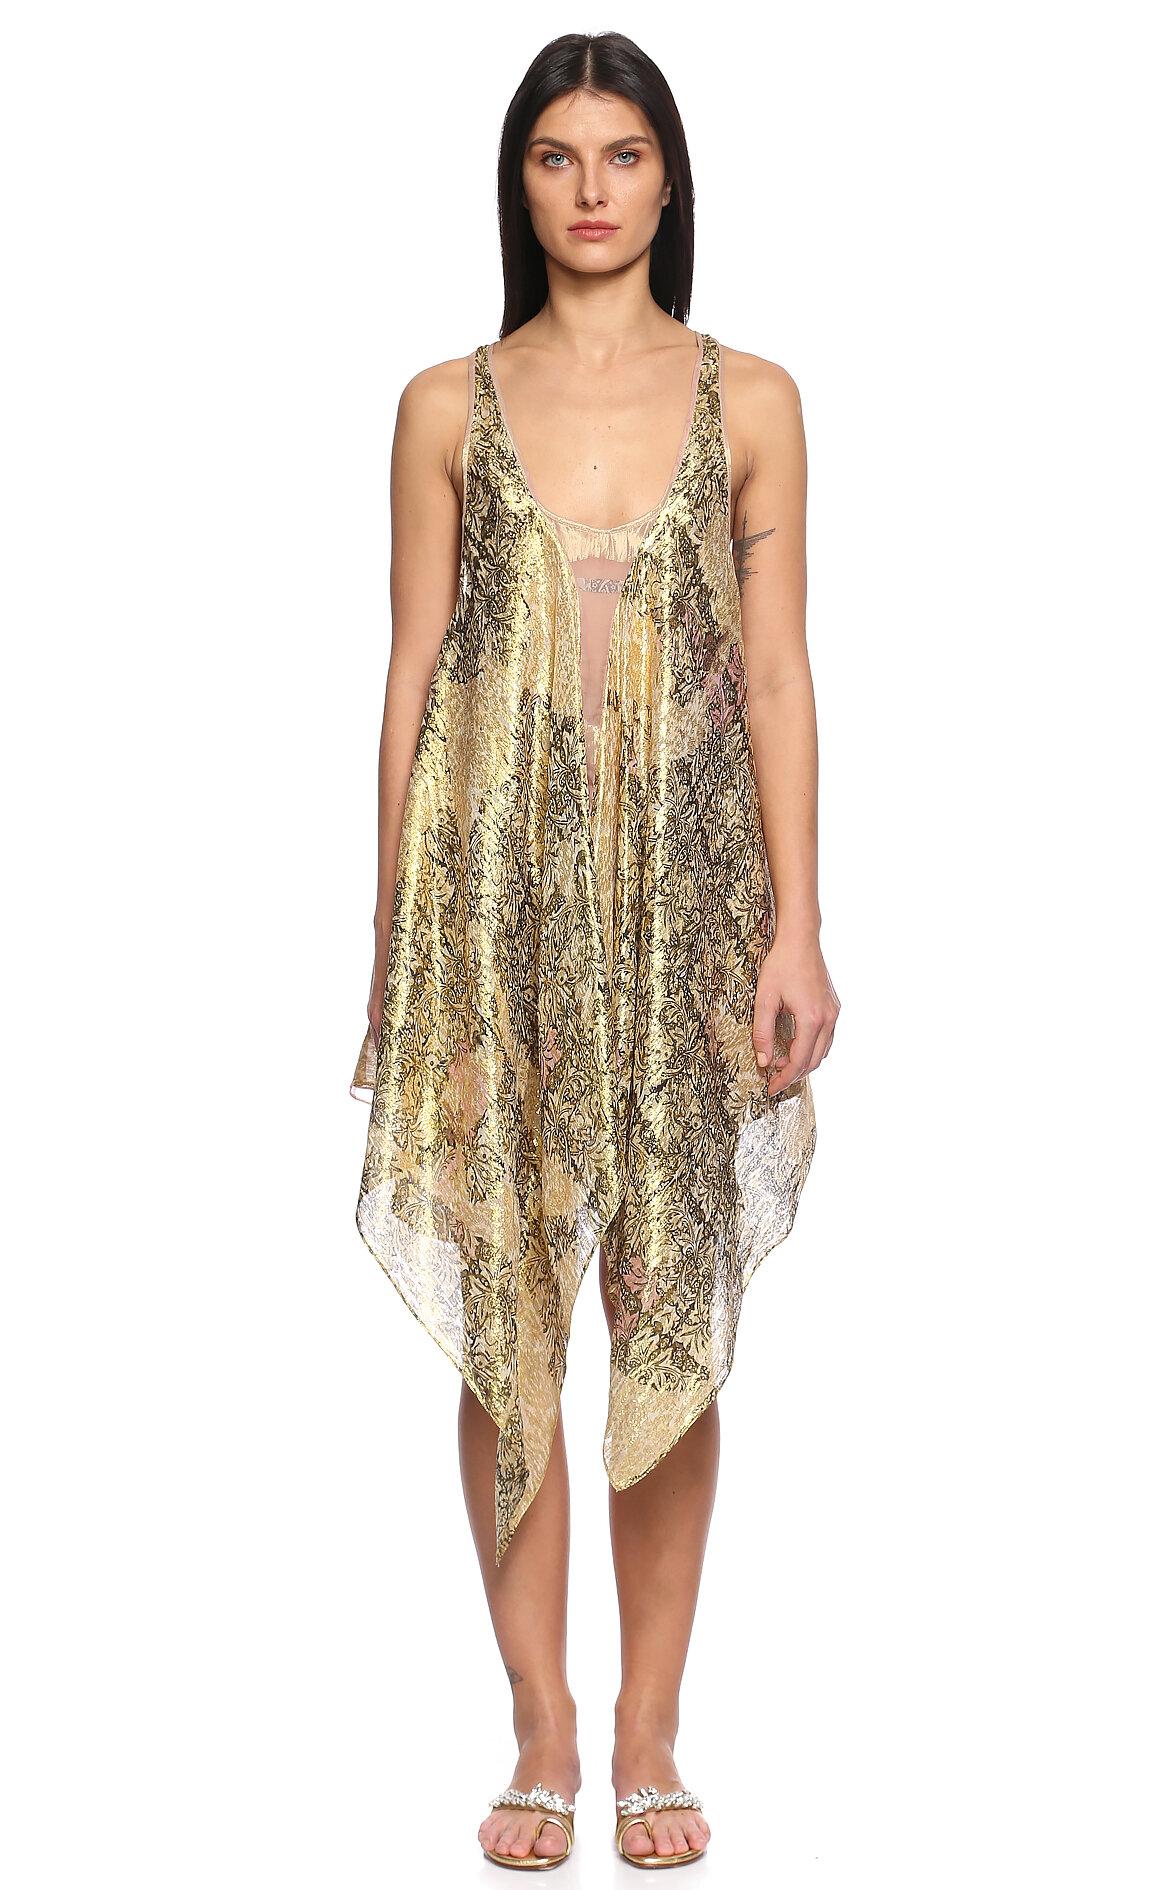 Just Cavalli  İşleme Detaylı Asimetrik Kesimli Altın Rengi Elbise